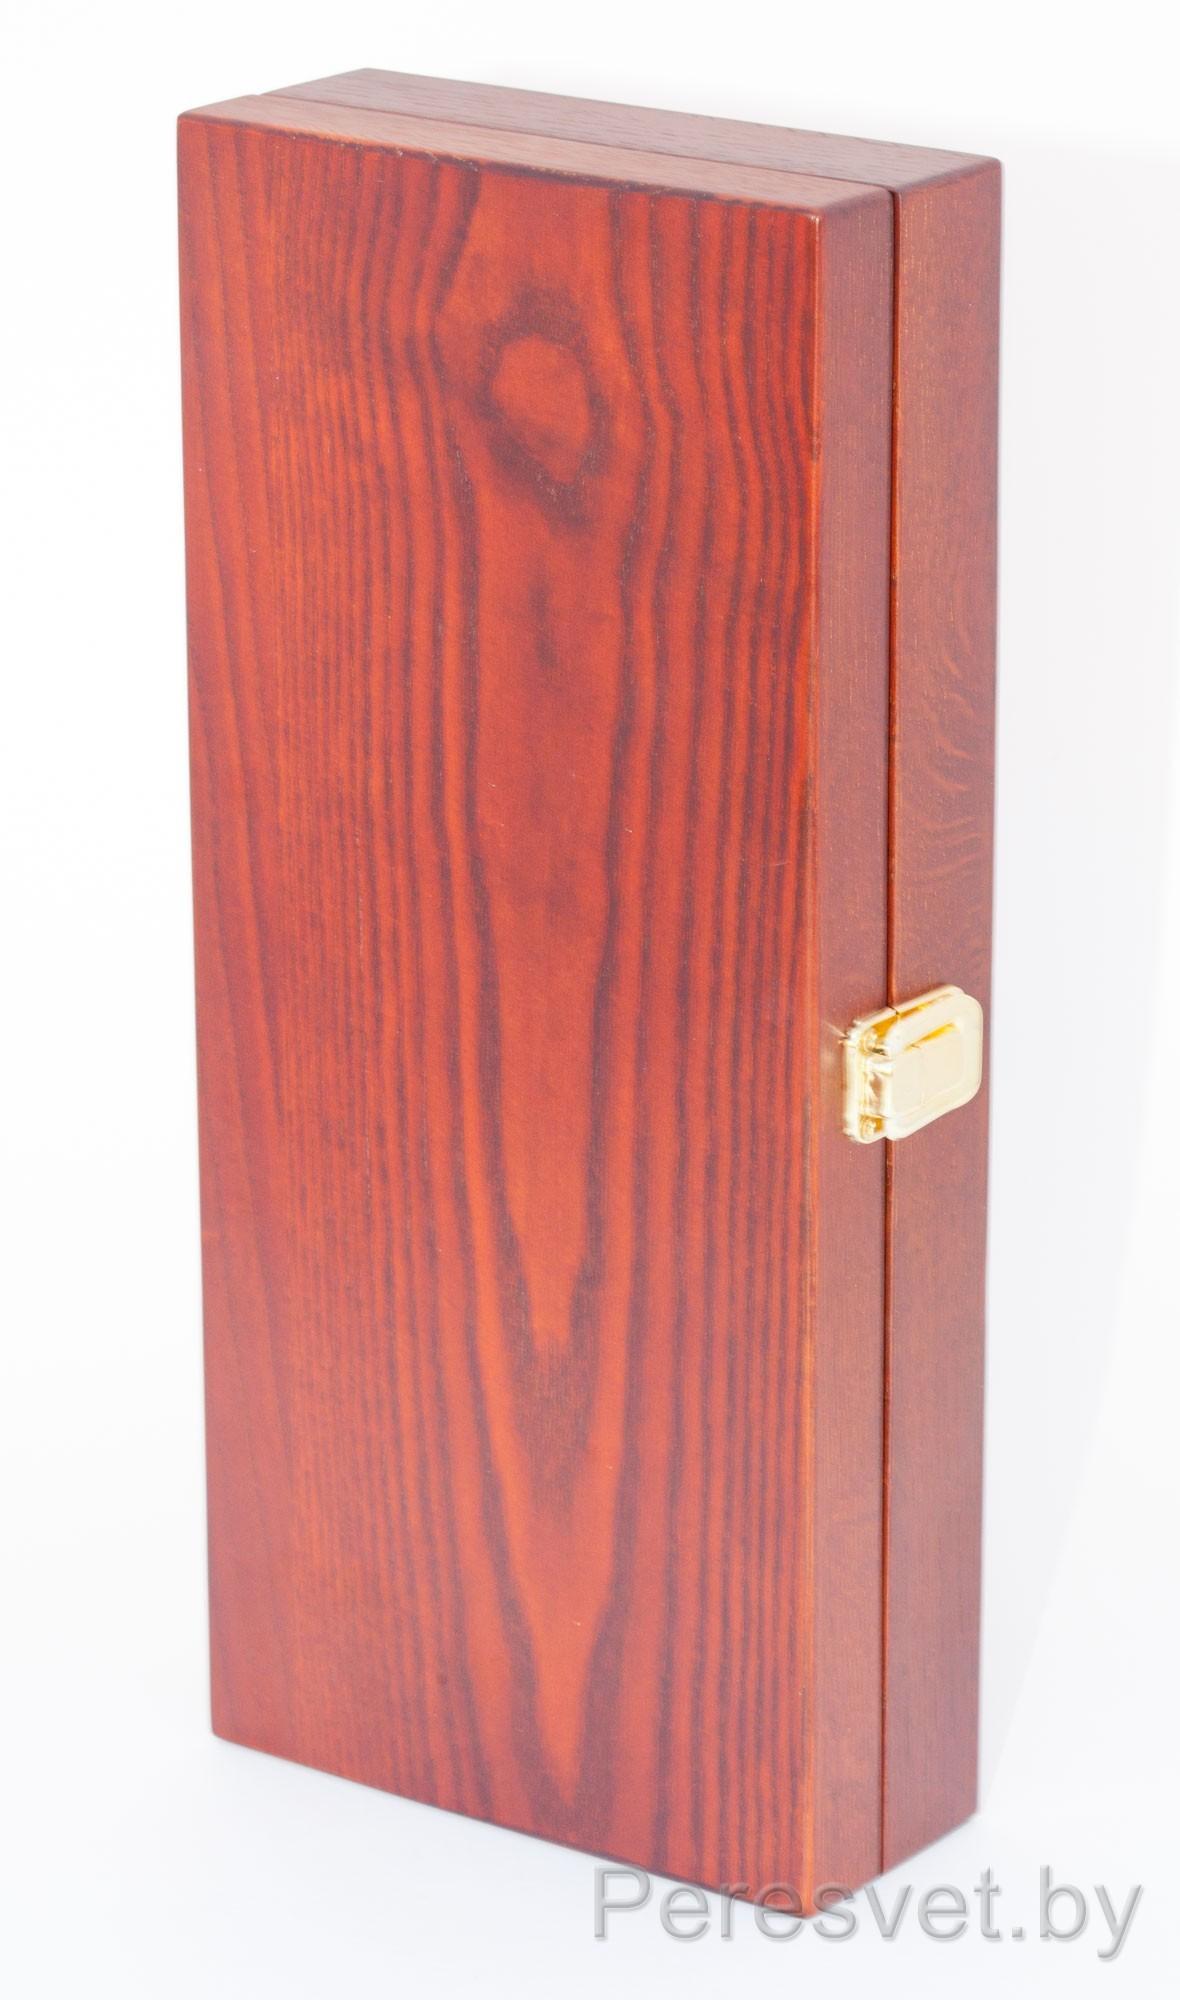 Кейс деревянный массив дуба Элегант для ножа на peresvet.by